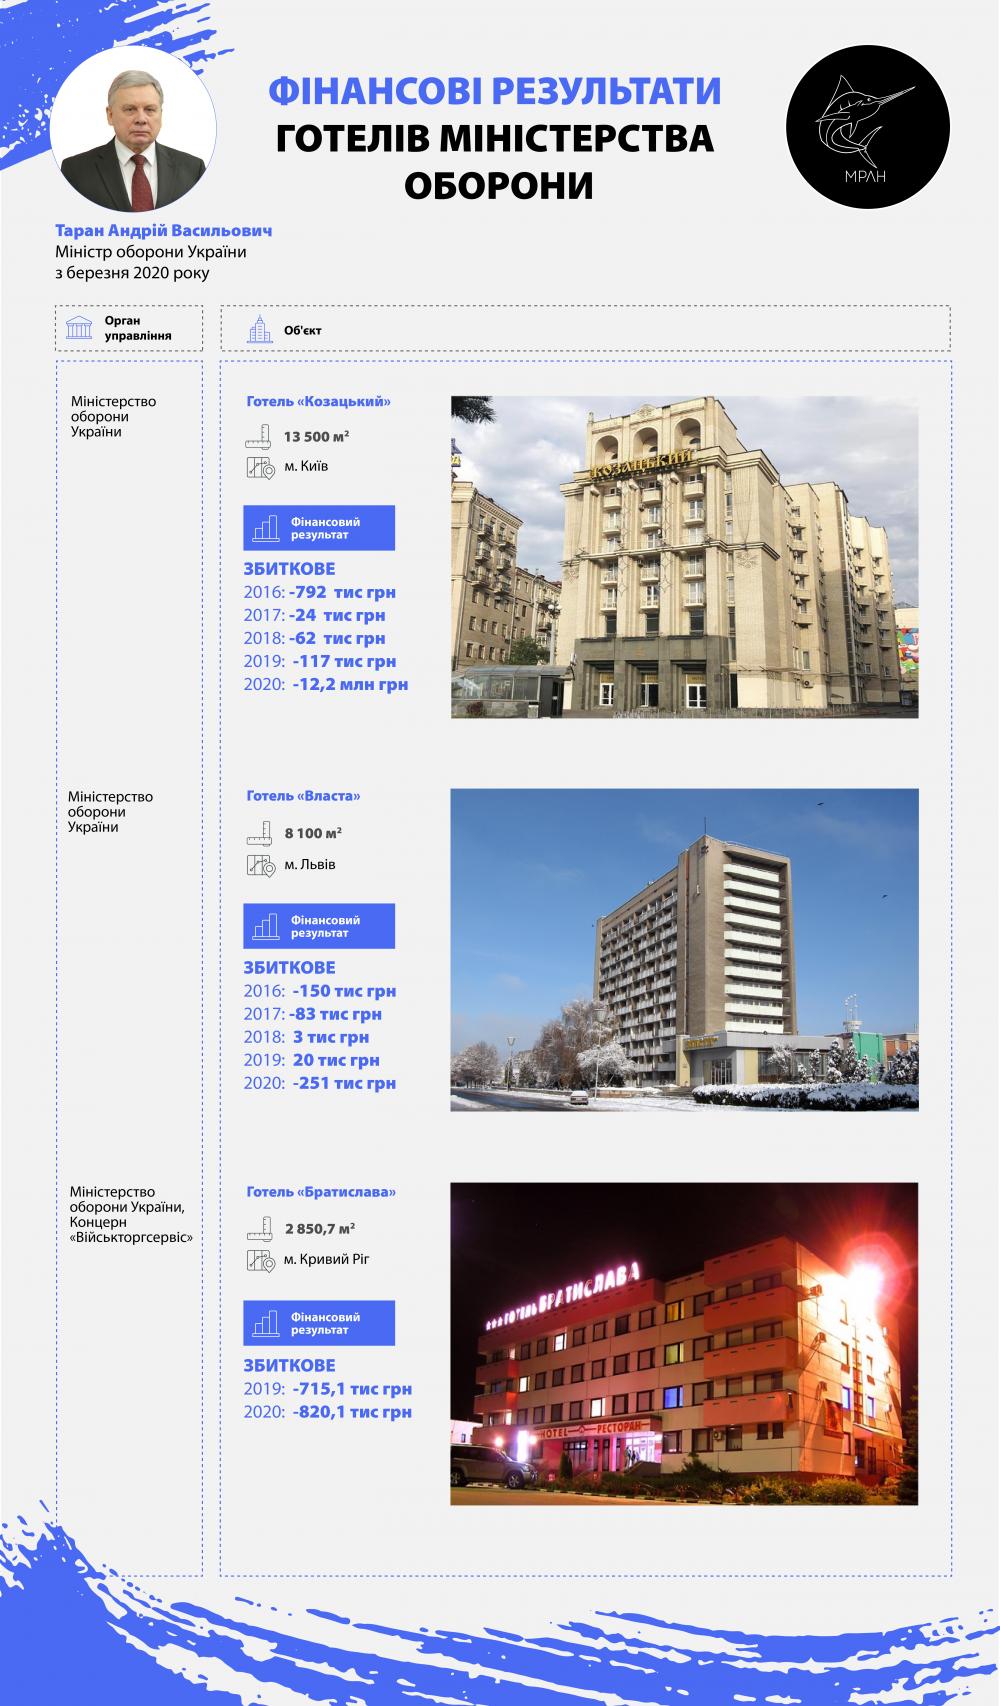 Минобороны отказалось передавать убыточные отели на приватизацию